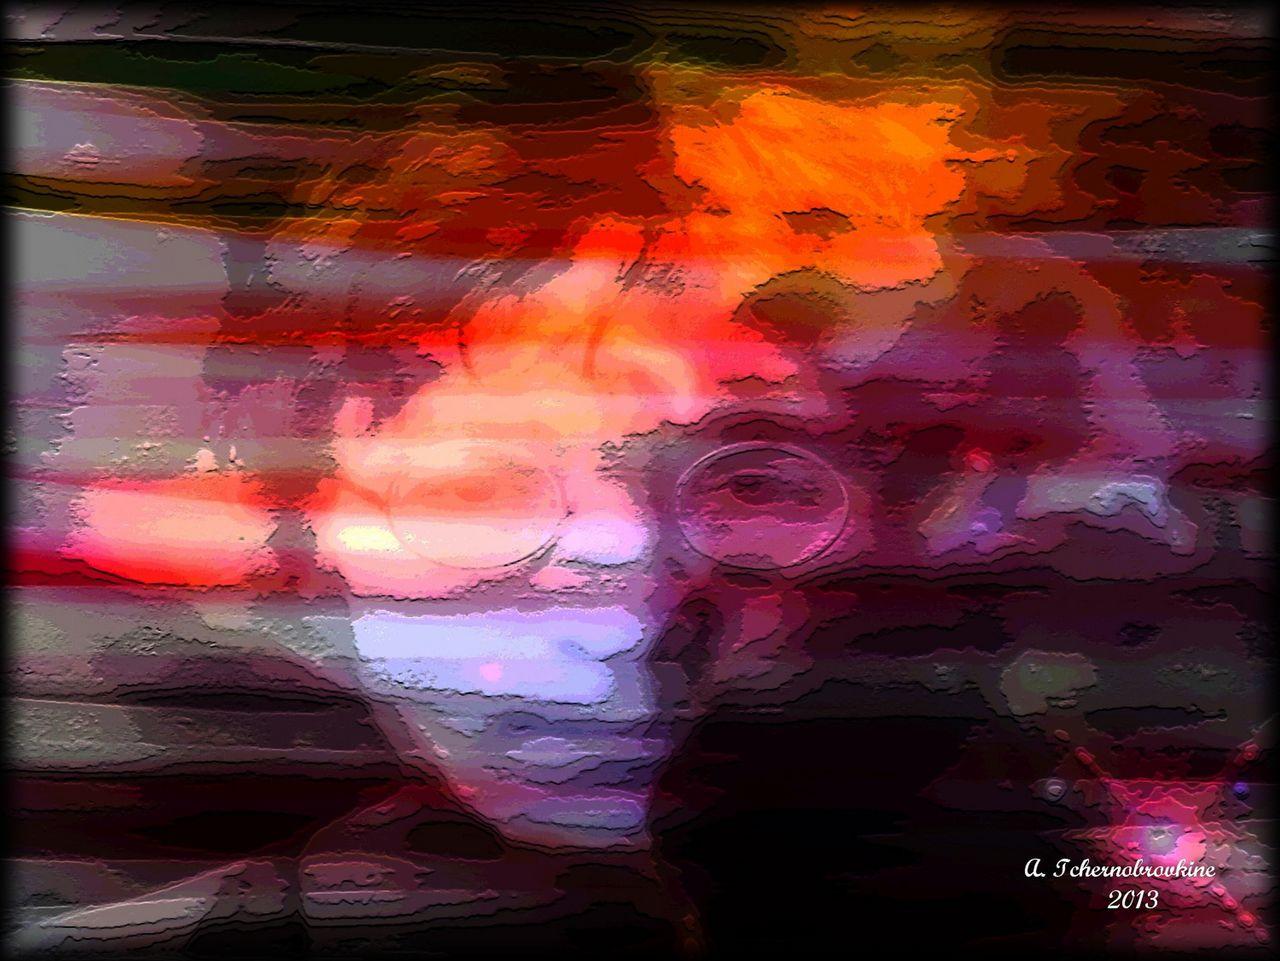 TCHERNOBROVKINE Alexandre John Lennon